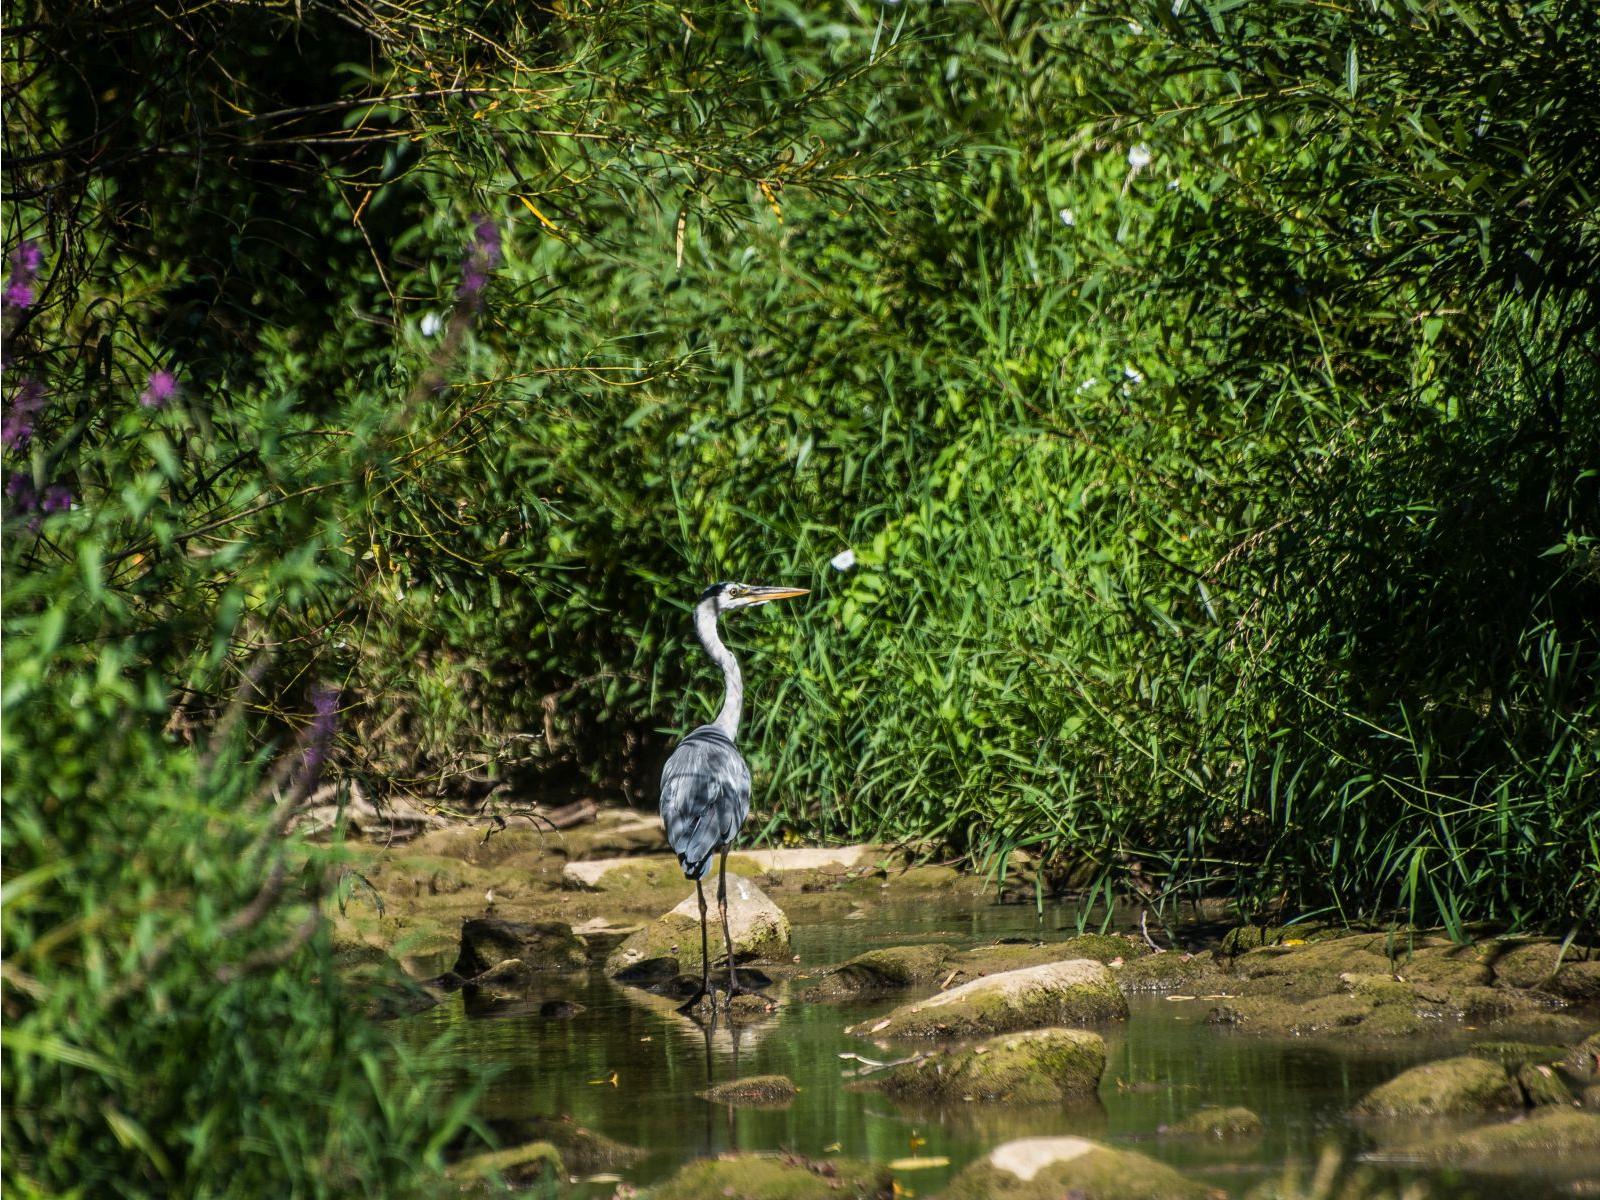 Der Graureiher sucht an einer flachen Stelle nach Nehrung